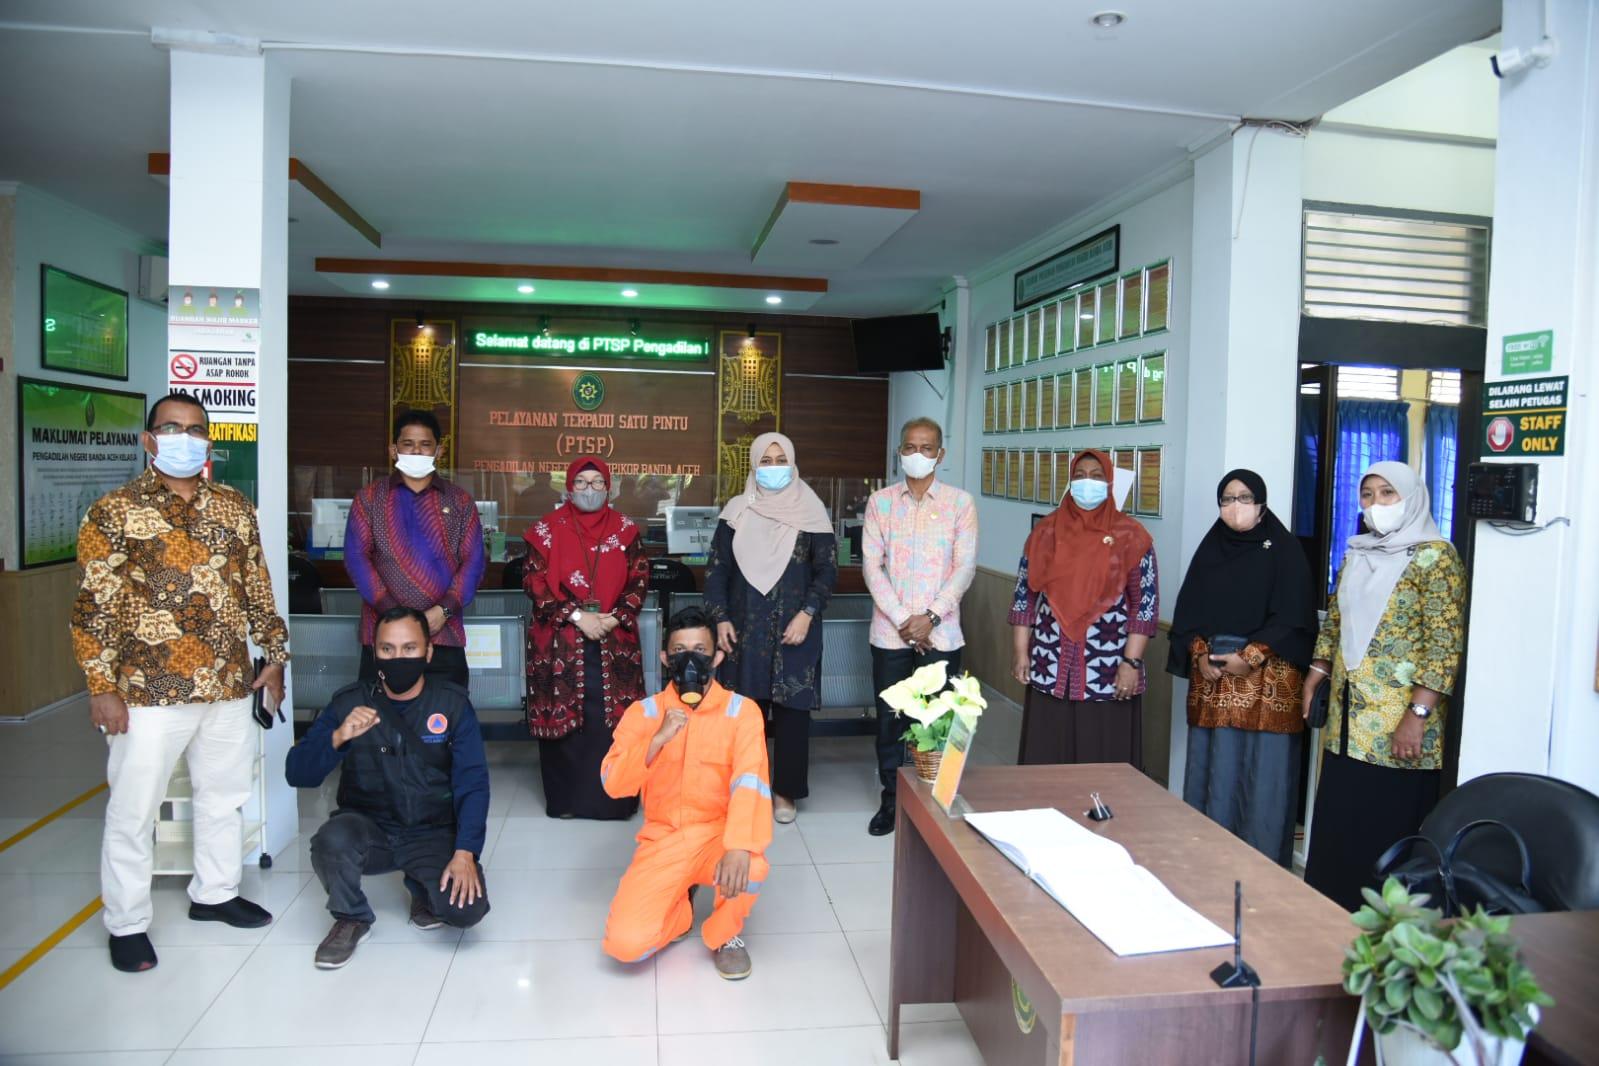 Pimpinan dan Sekretariat DPRK Serahkan Masker dan Disinfektan untuk PN Banda Aceh